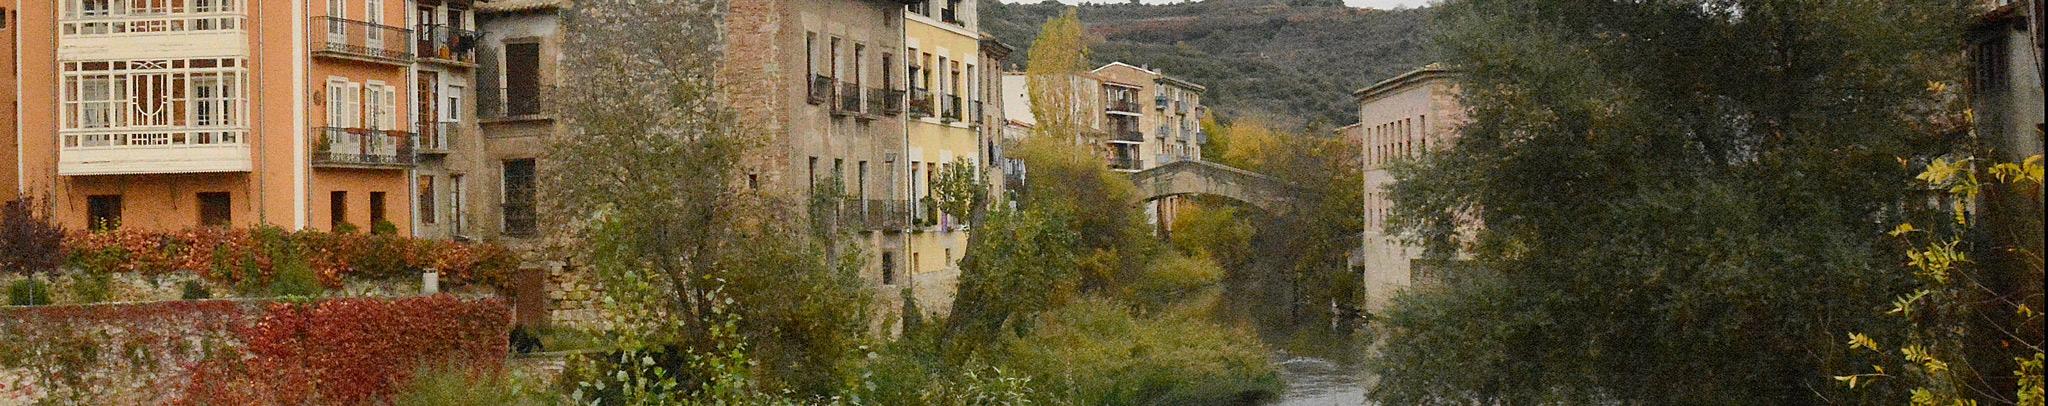 Imagen Estella